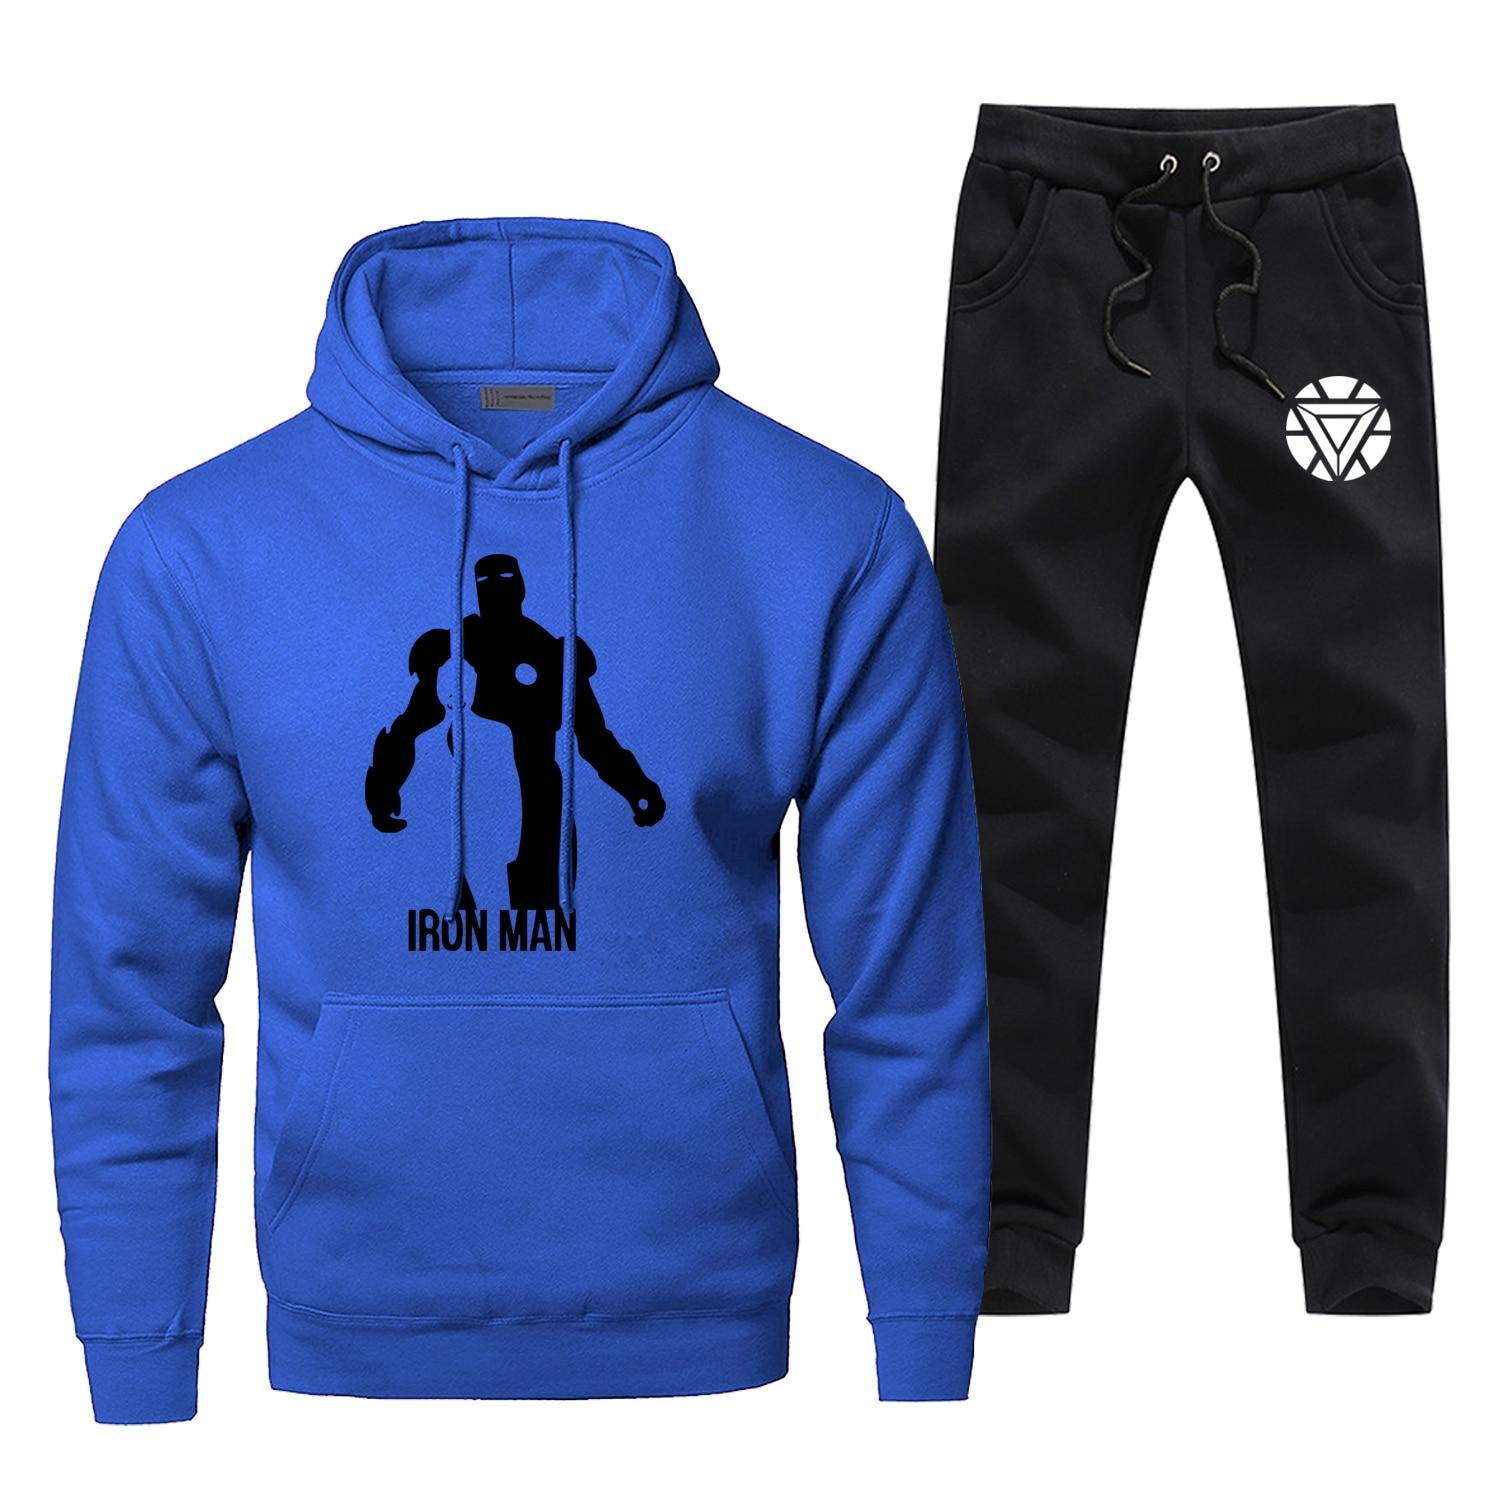 New Autumn Pants Sweatshiet Casual Iron Man Men's Sets Fashion Fleece Tony Stark Sportsman Wear Super Hero Bodywarmer Sweatpants